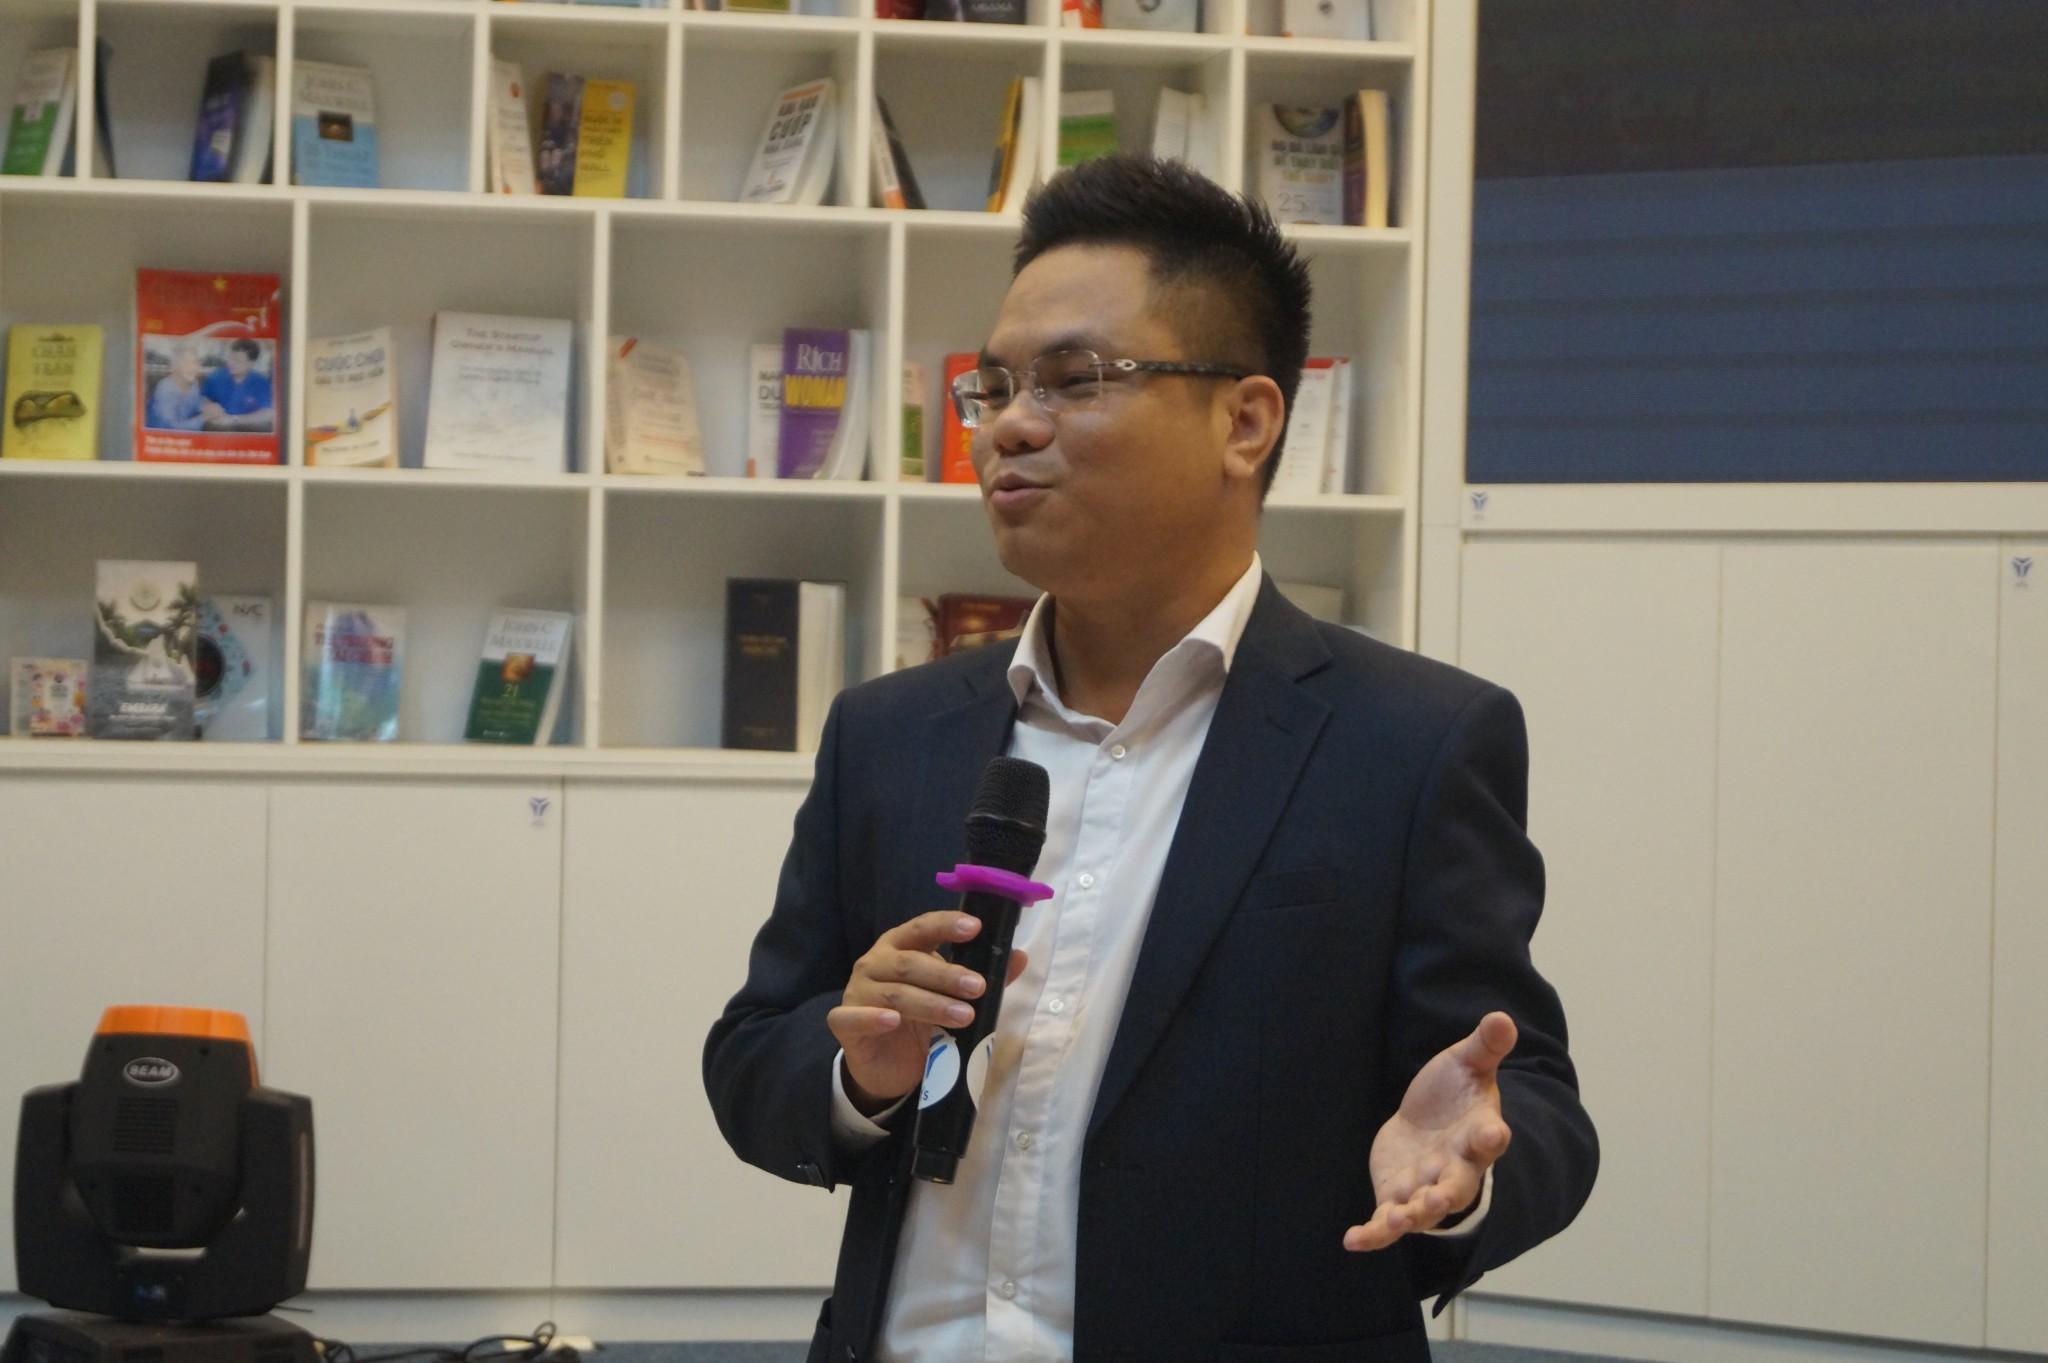 Luật sư Nguyễn Thanh Hà và Trần Trung Kiên tham gia đào tạo cho doanh nghiệp khởi nghiệp